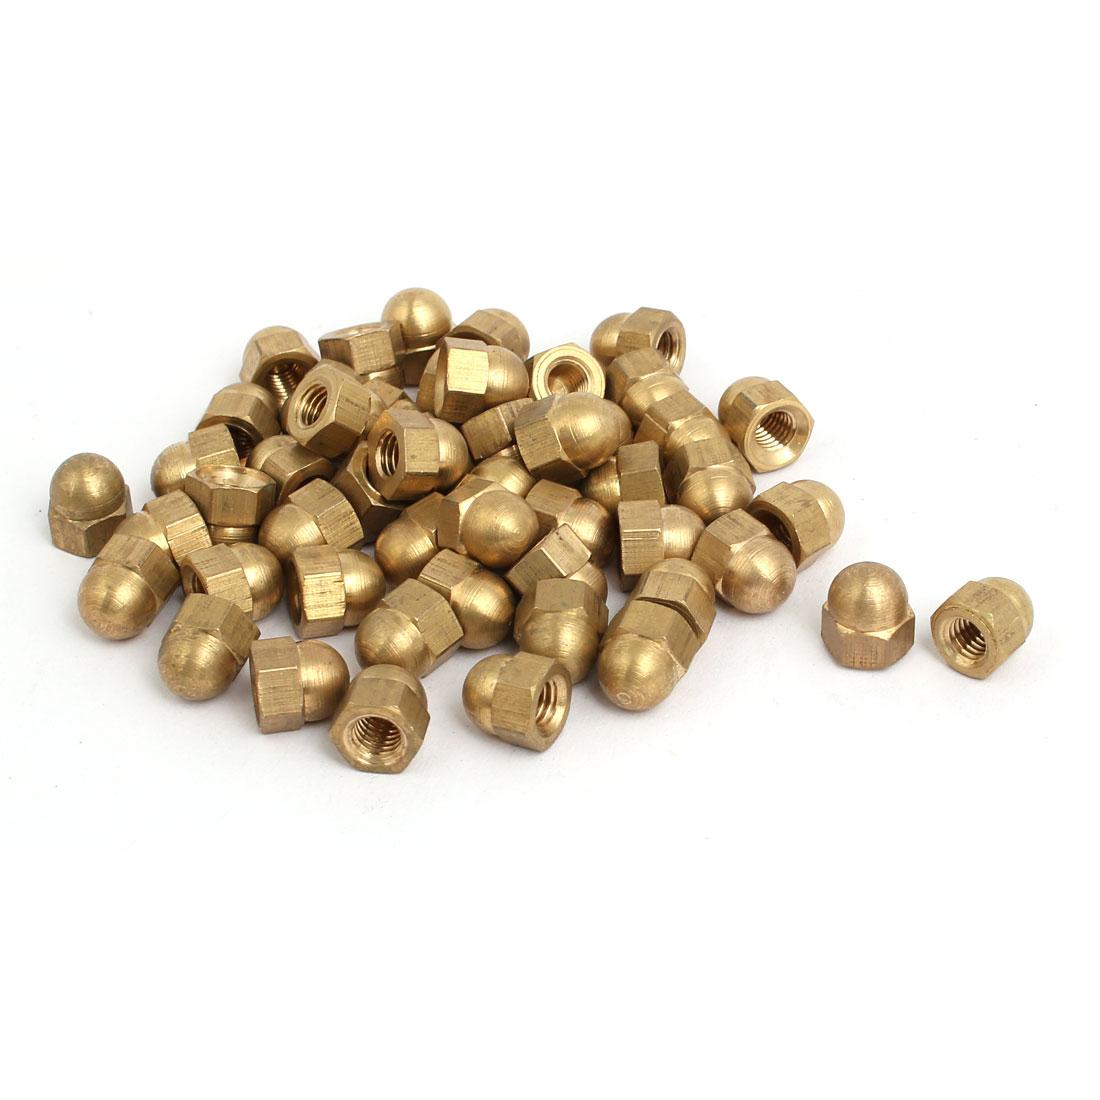 50pcs M5 Female Thread Nut DIN1587 Dome Cap Head Hex Brass Tone